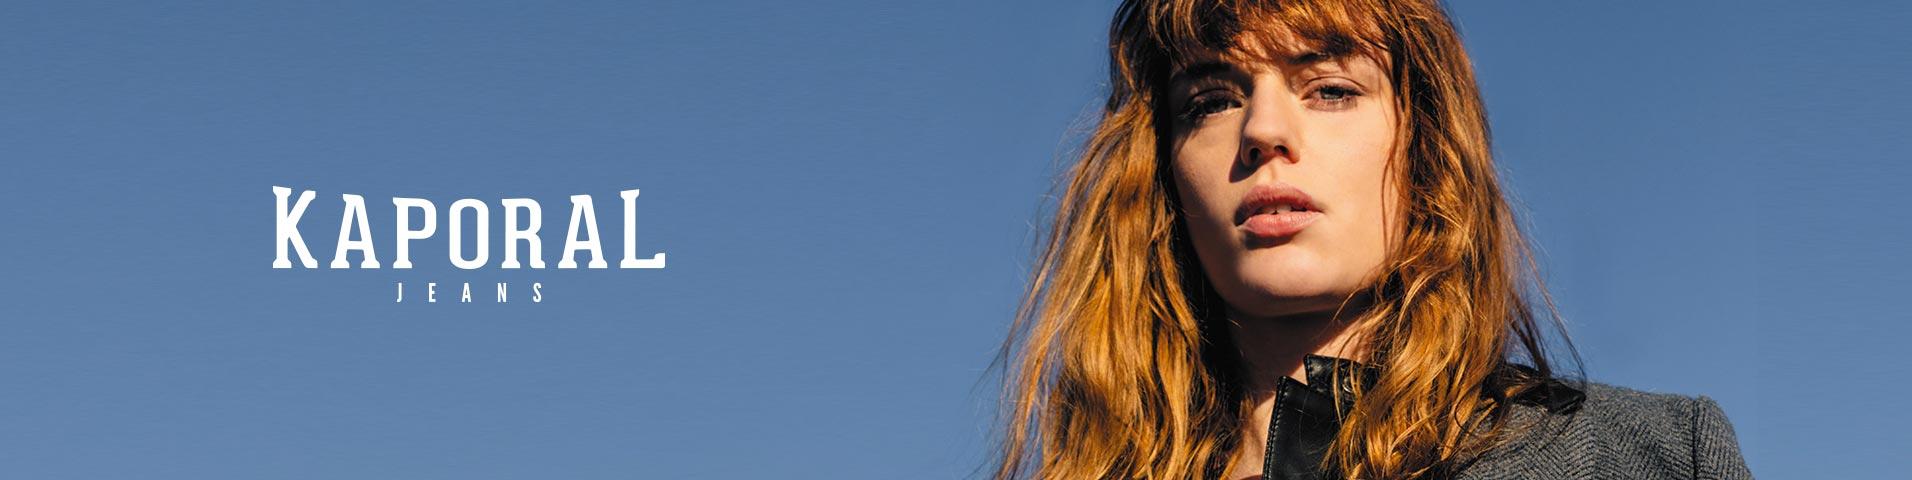 Kaporal en ligne | Nouvelle collection sur Zalando